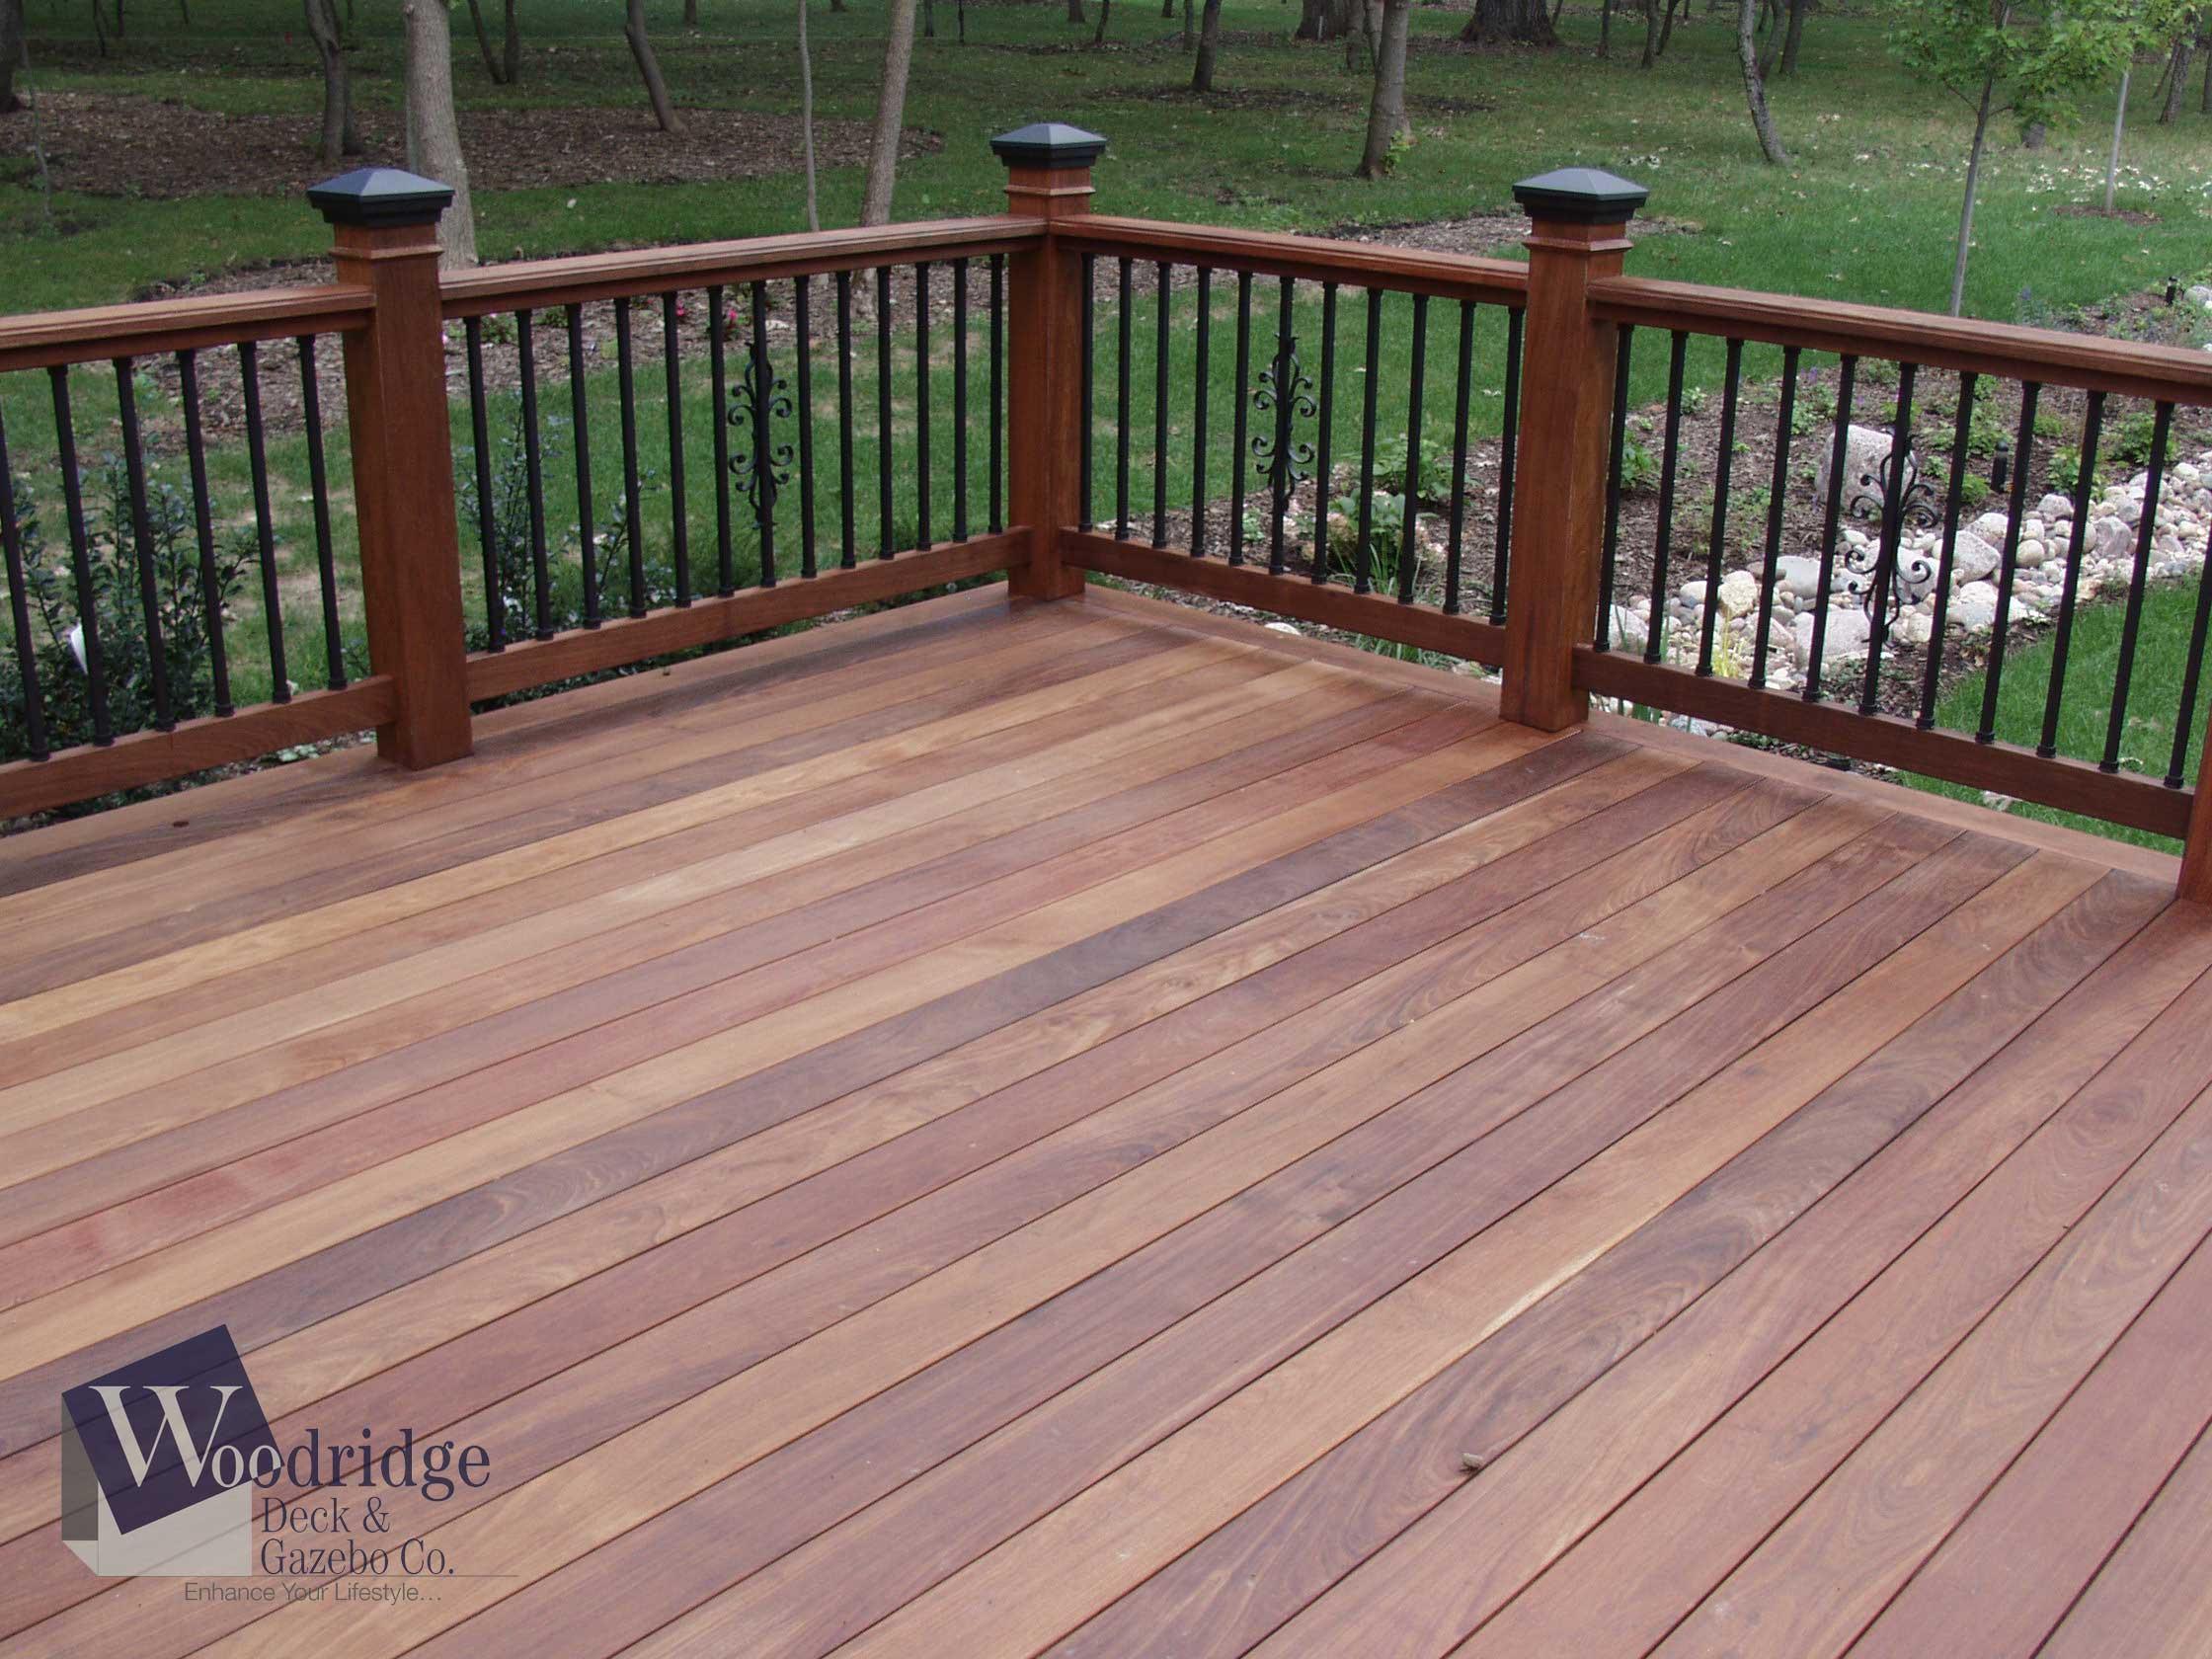 ipe hardwood flooring reviews of decks by woodridge with ff 02 ipe deck with dekor balusters